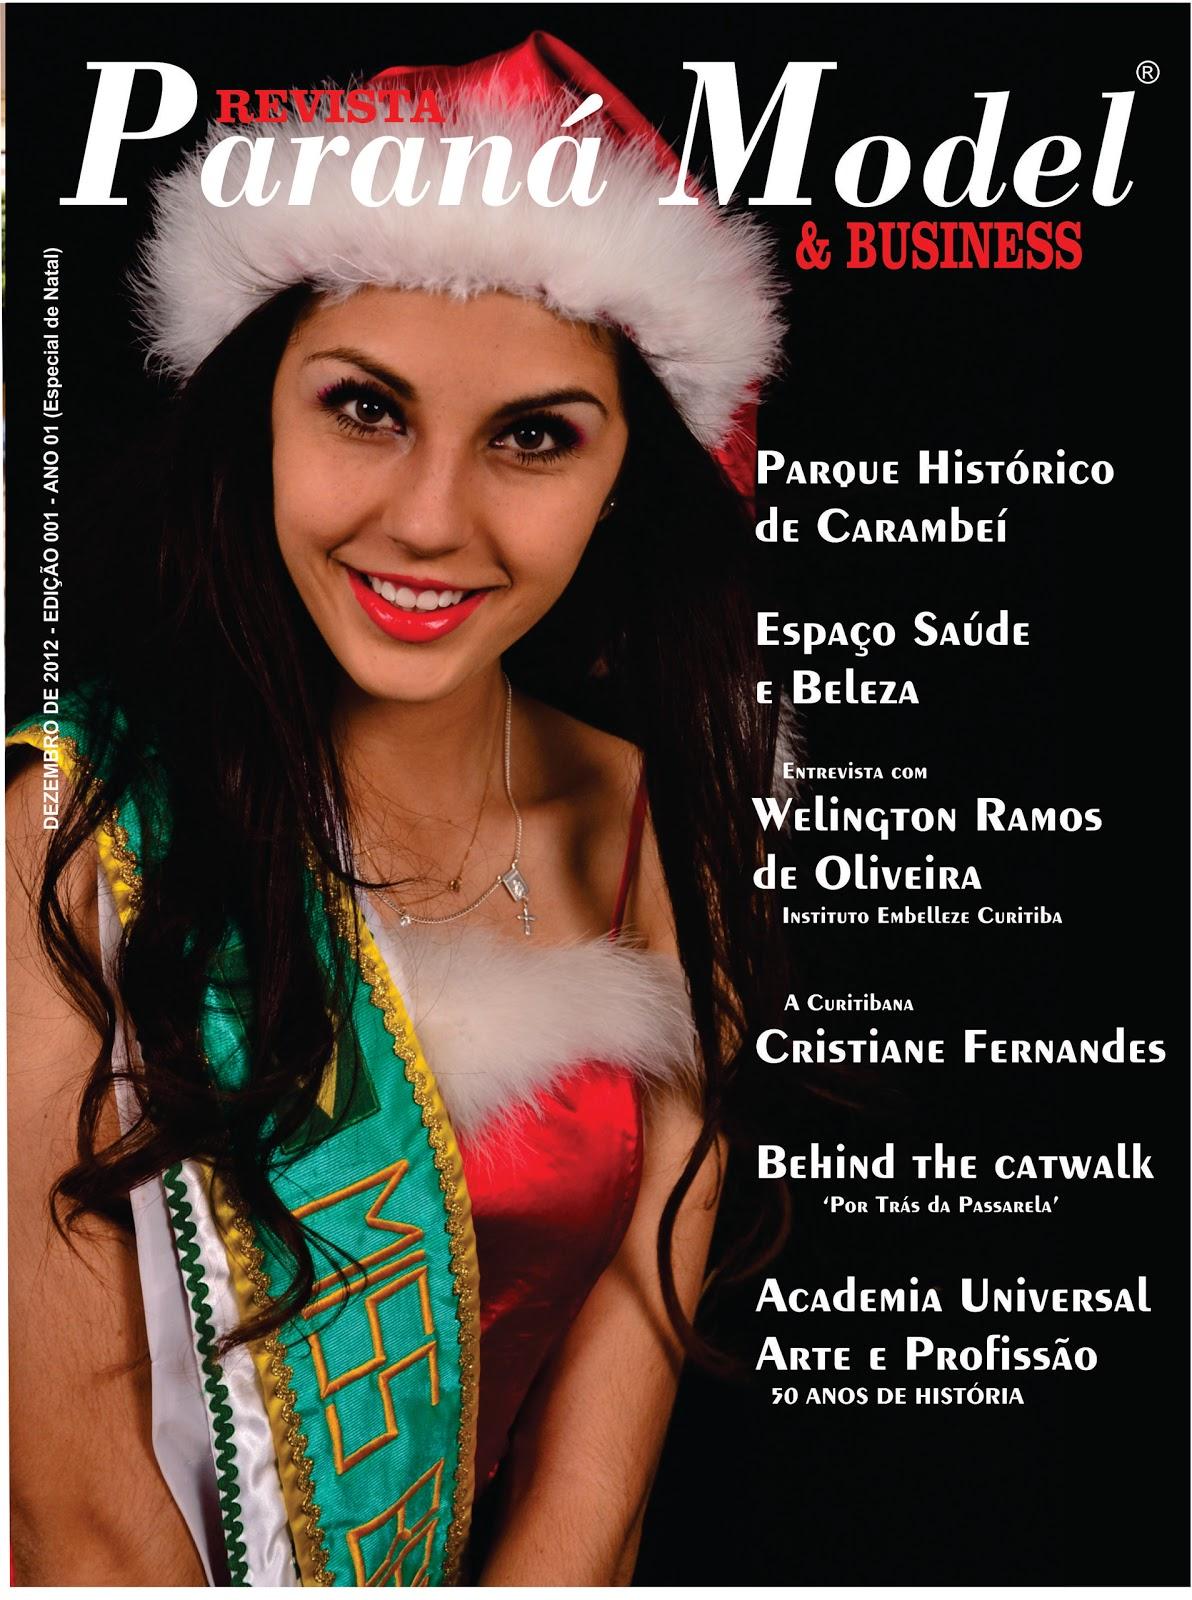 Capa Revista ParanaModel 2012